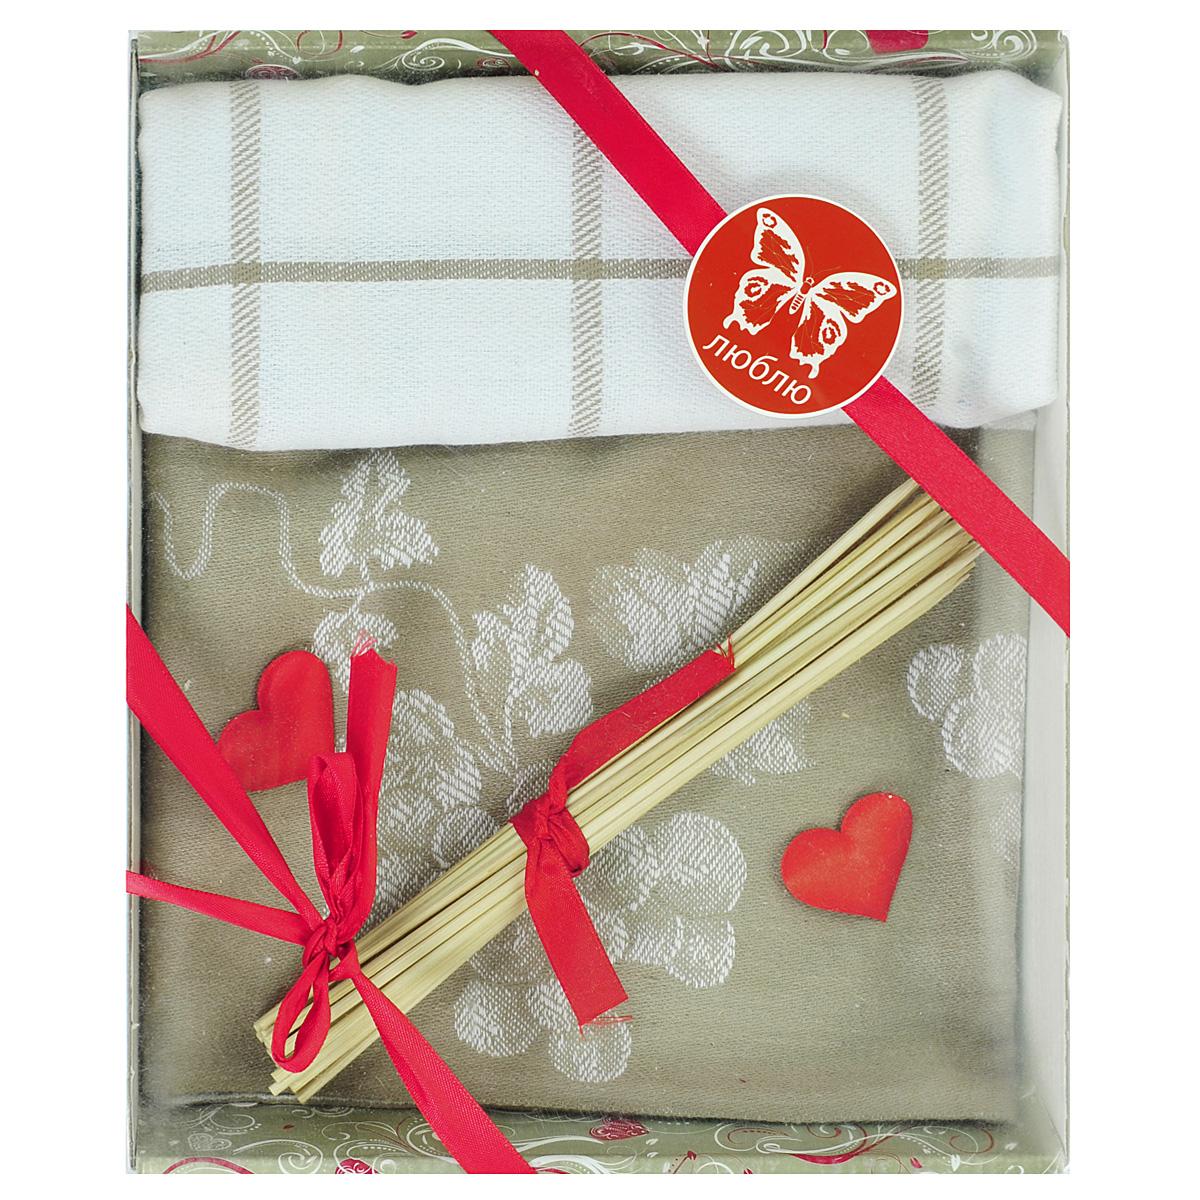 Подарочный набор для кухни Bonita Домашний уют, цвет: светло-коричневый, 3 предмета. 101211591101211591св/коричн.Подарочный набор для кухни Bonita Домашний уют состоит из двух жаккардовых полотенец и комплекта бамбуковых шпажек. Полотенца выполнены из 100% хлопка. Такой набор оригинально украсит интерьер и будет уместен на любой кухне. Прекрасно подойдет в качестве подарка, который окажется не только приятным, но и полезным в хозяйстве. Набор упакован в подарочную коробку.